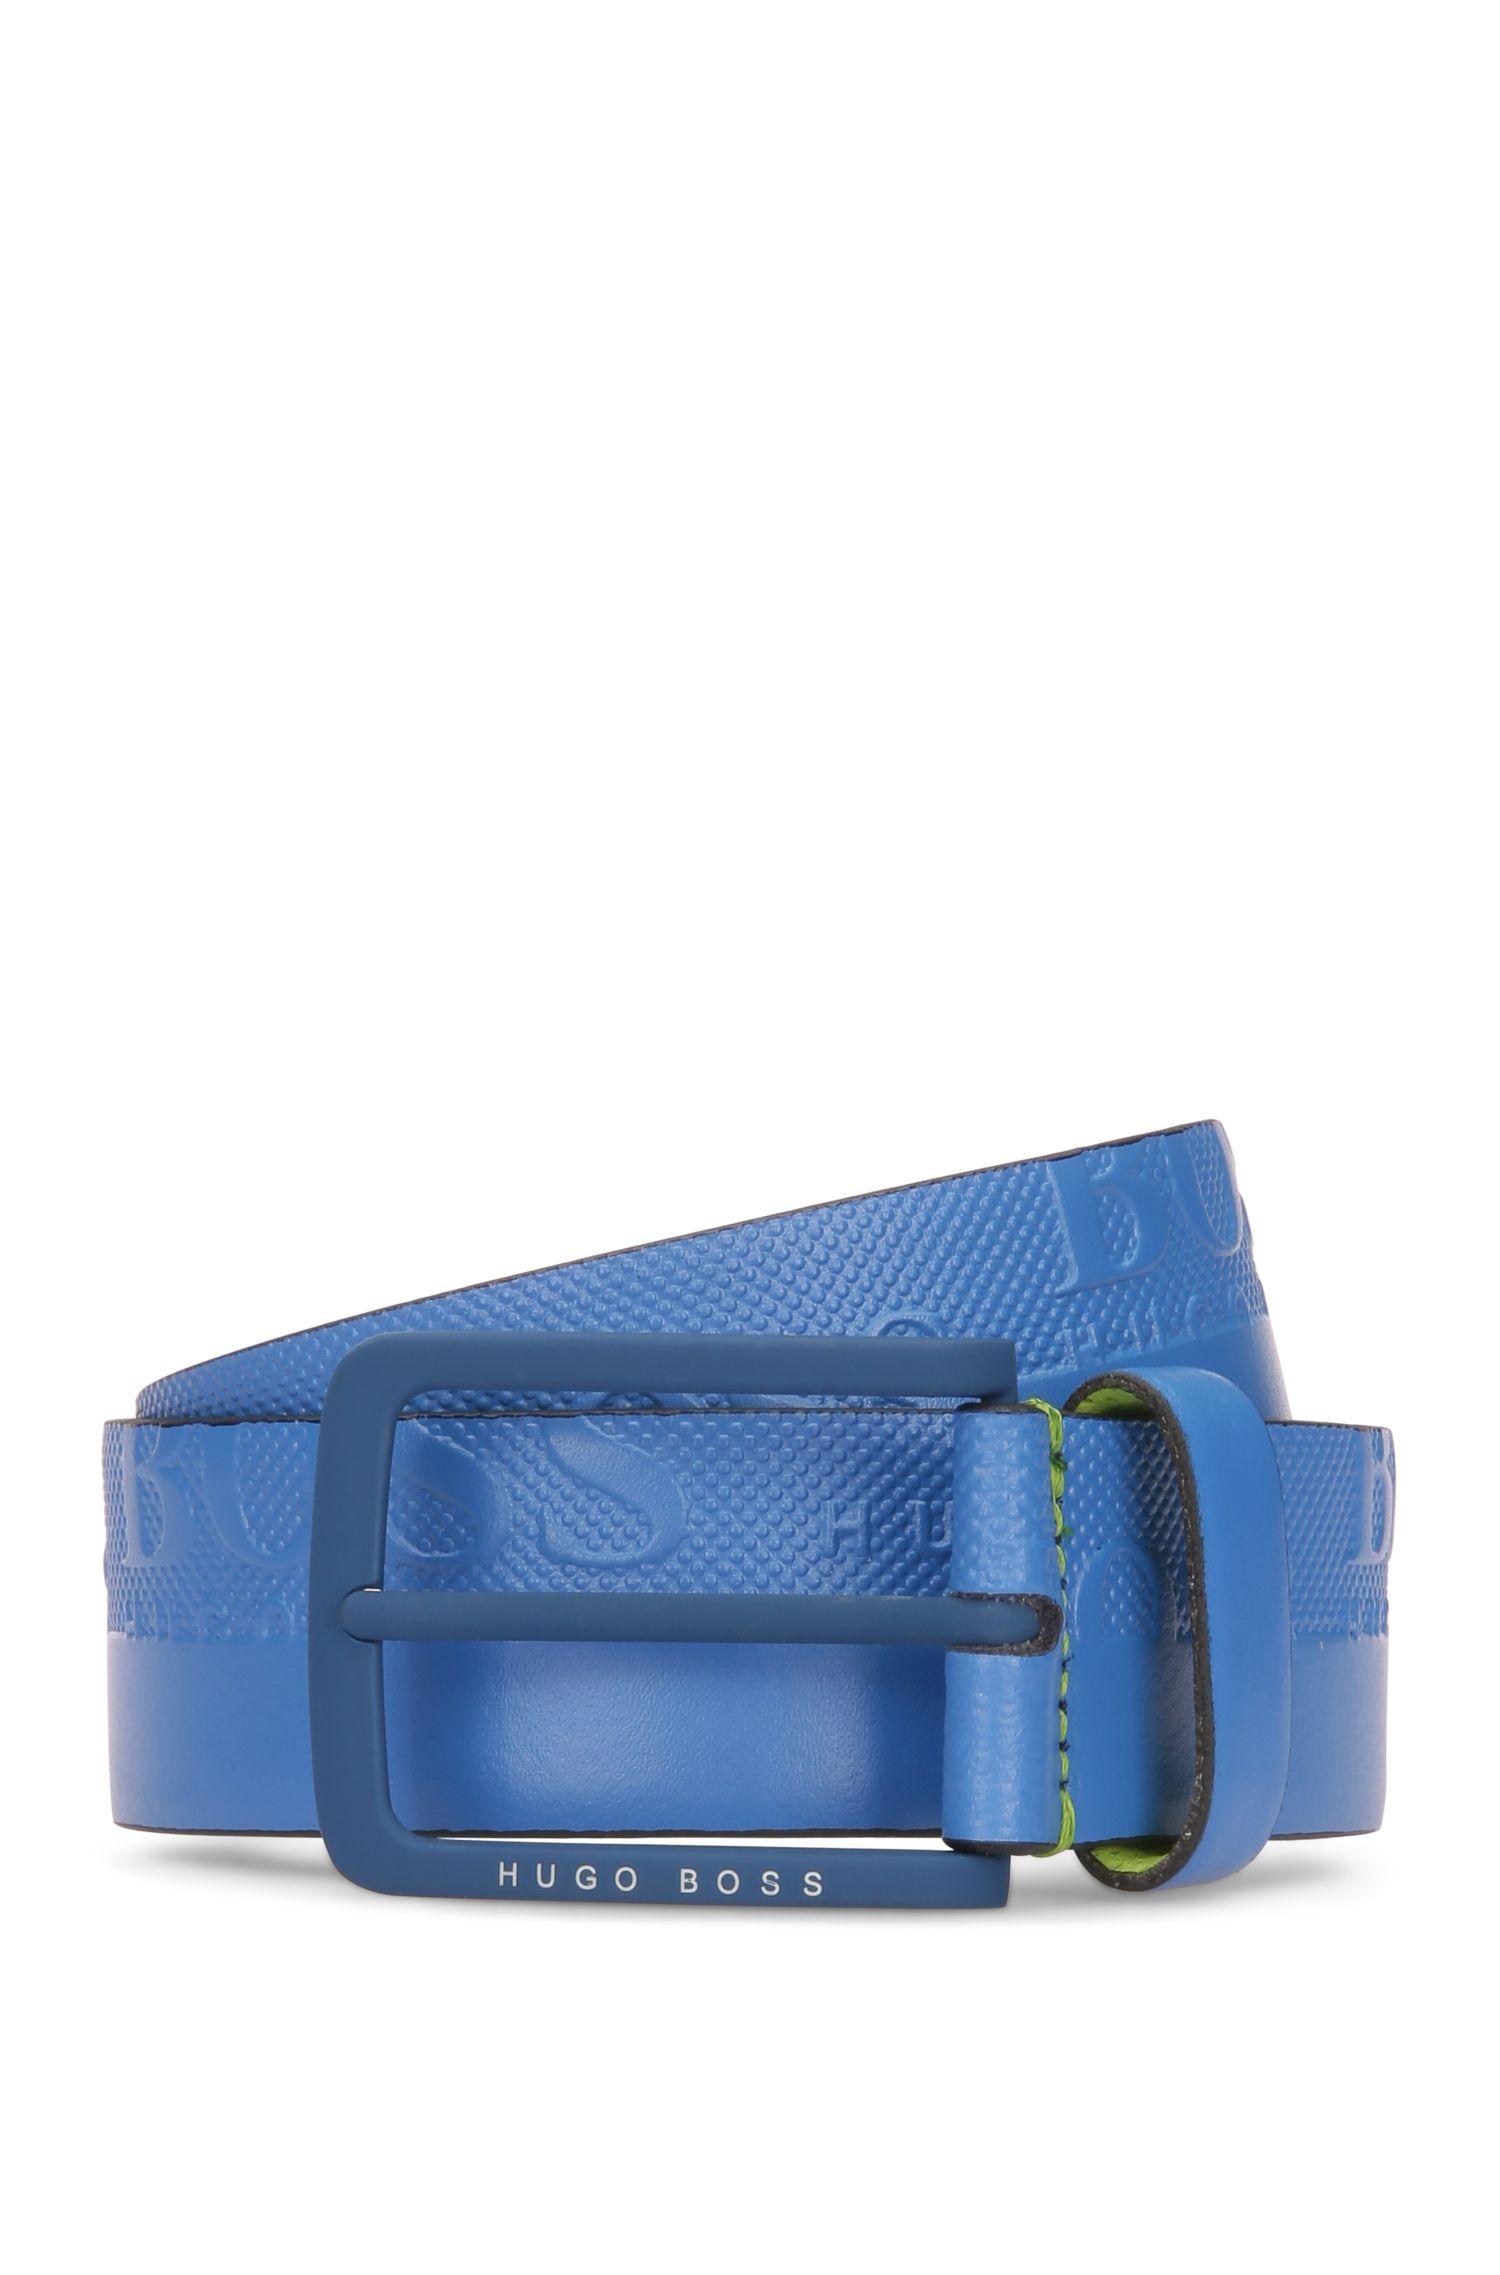 Cinturón de piel con logo repujado en la correa